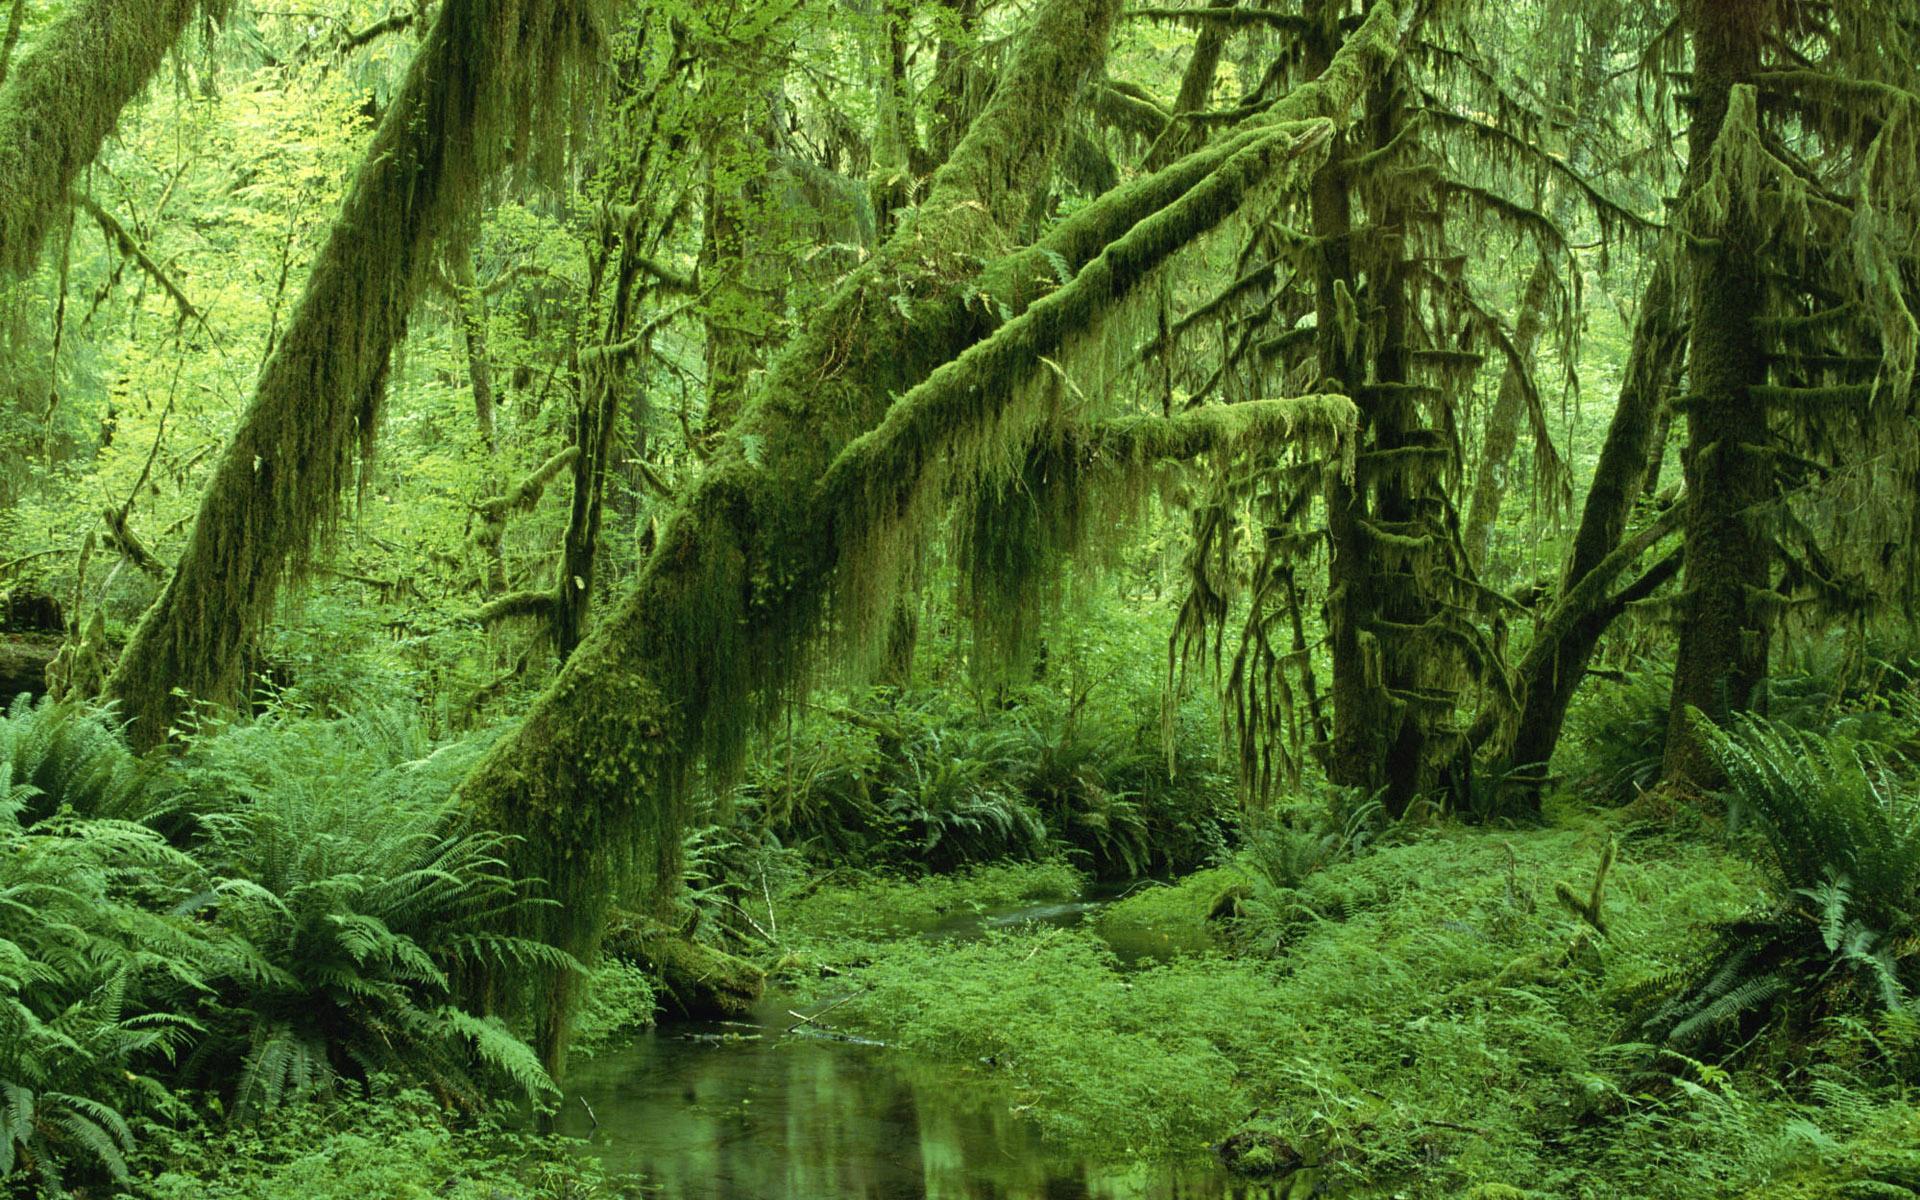 зеленый лес, деревья и мох, скачать фото, стволы деревьев, обои для рабочего стола